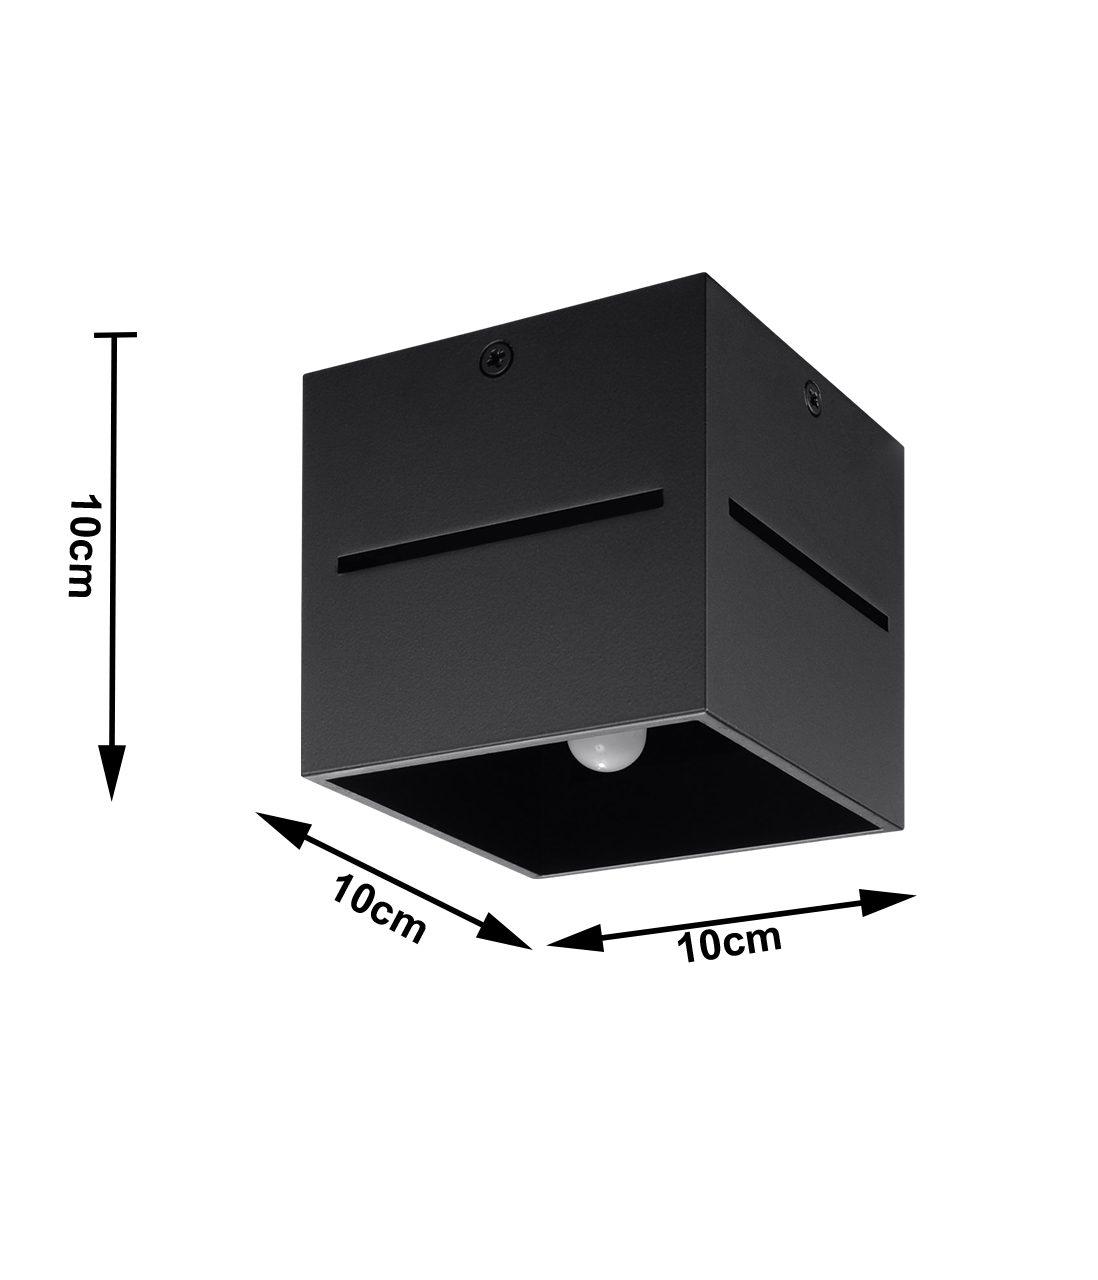 Czarny spot sufitowy Laser